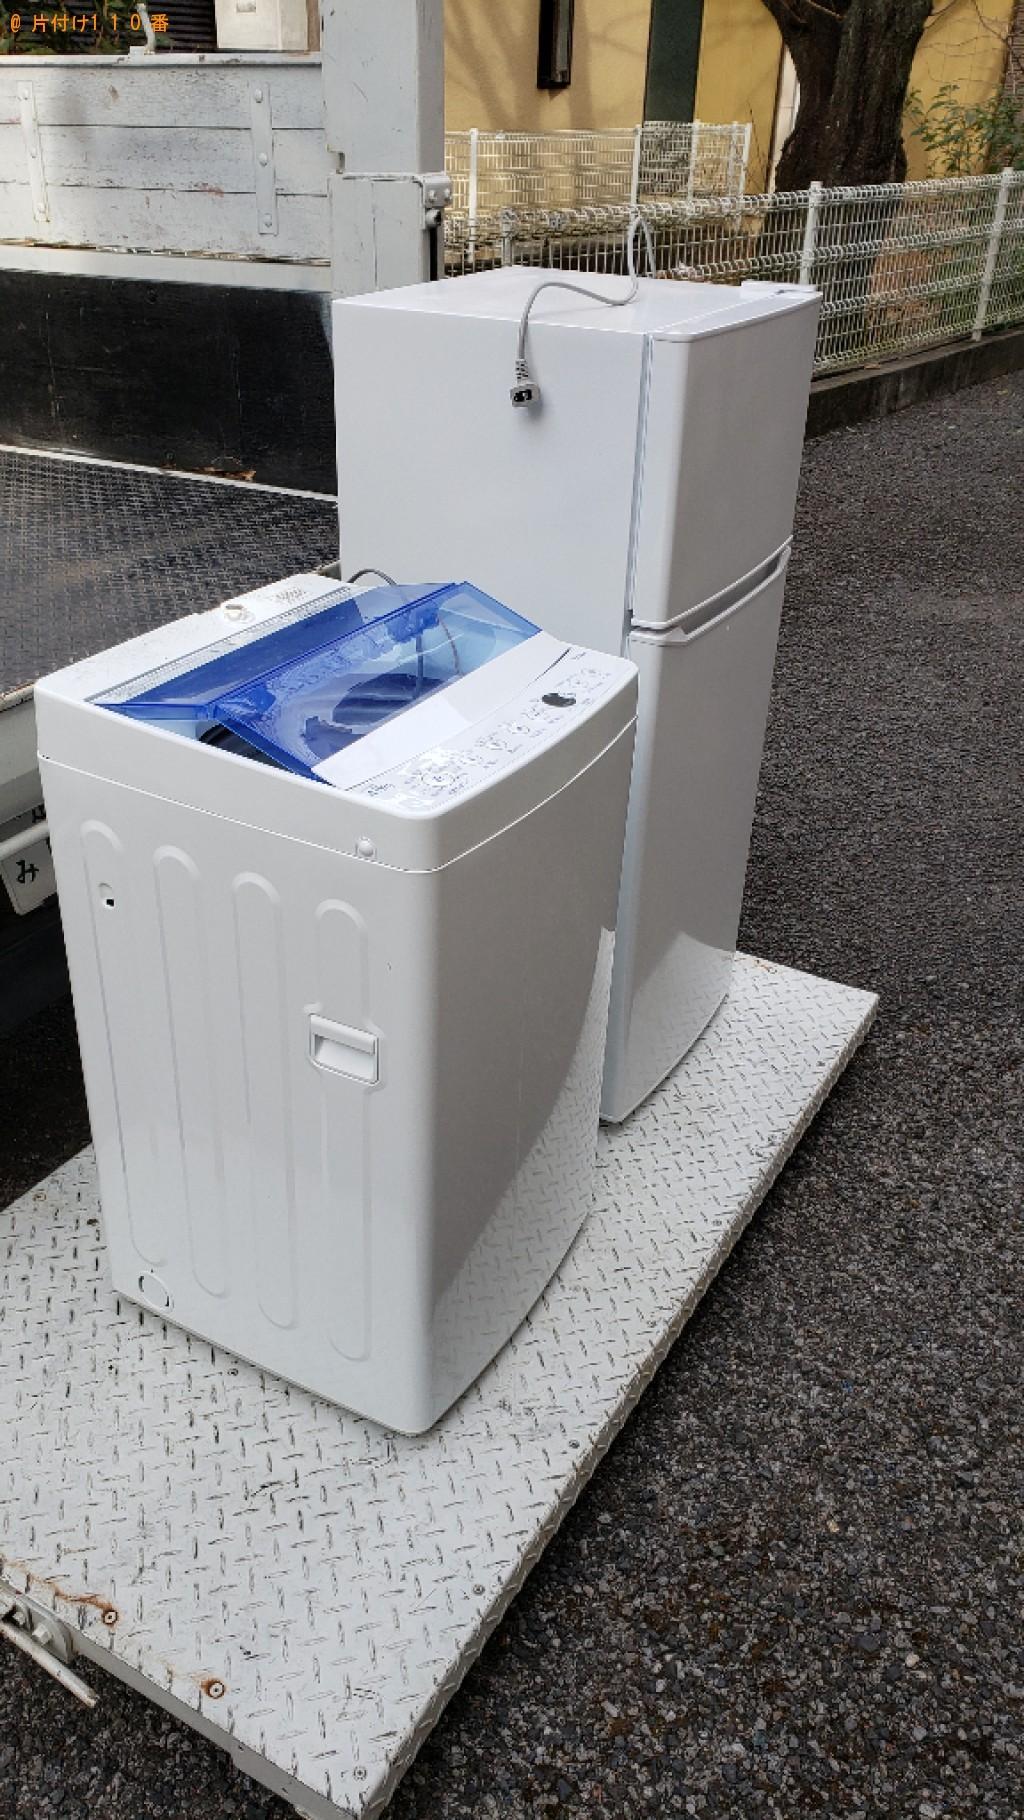 【さいたま市浦和区】冷蔵庫、洗濯機の回収・処分ご依頼 お客さまの声